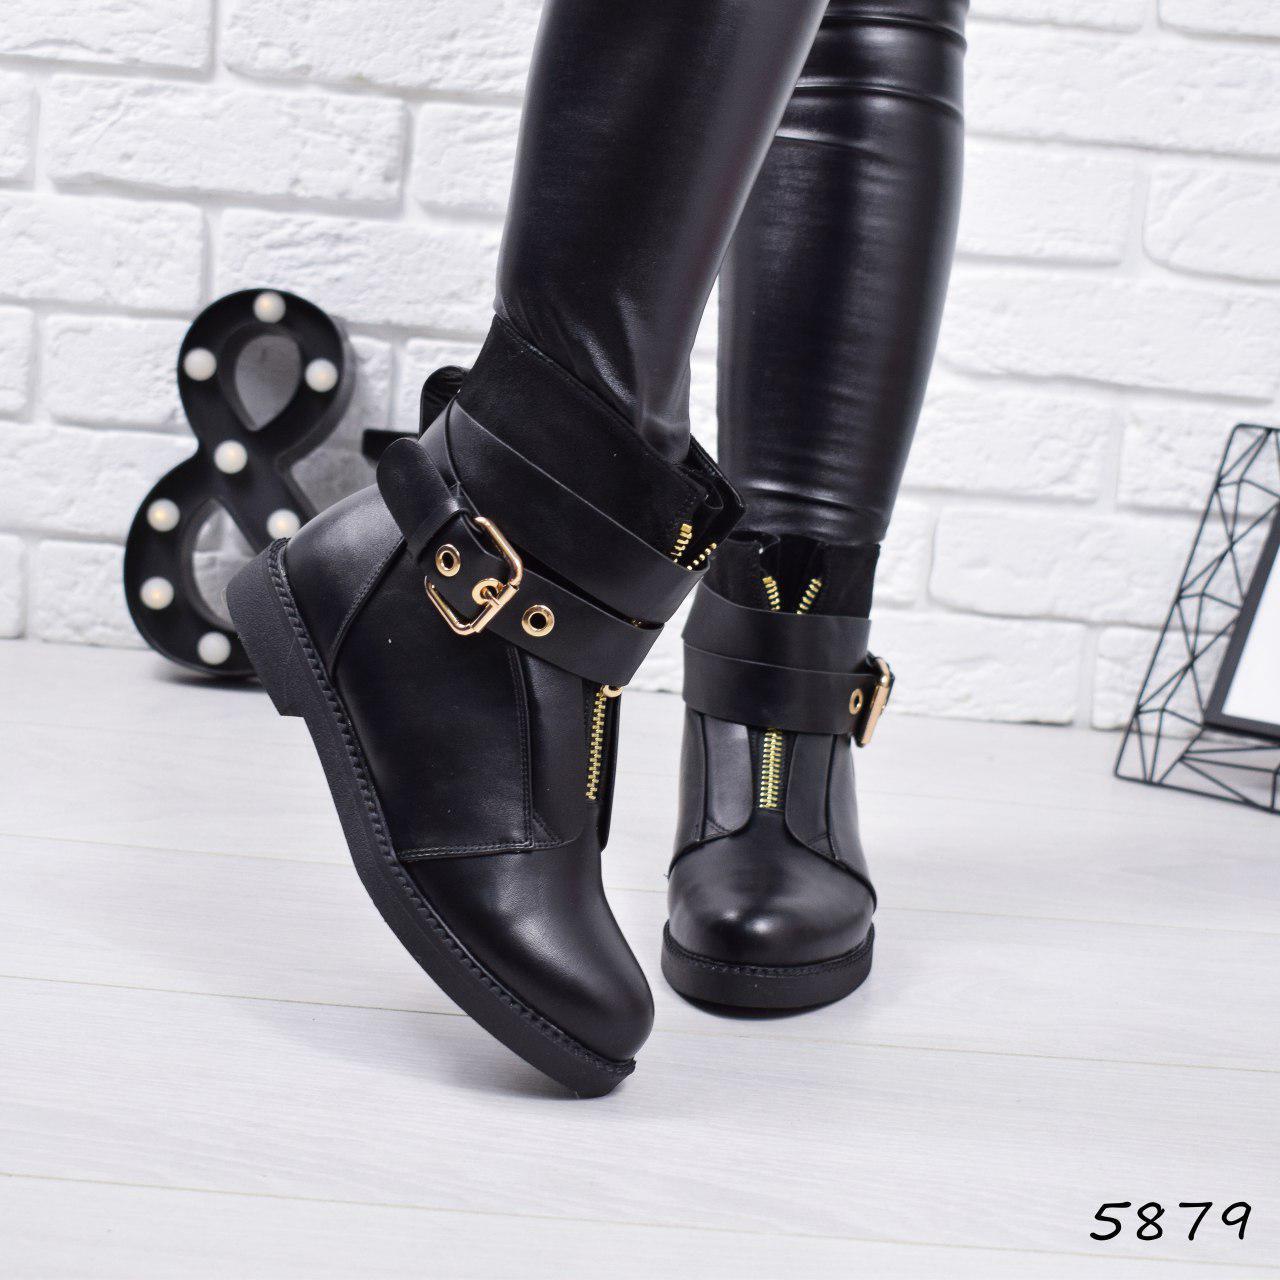 """Ботинки, ботильоны черные ЗИМА """"Benedict"""" эко кожа, повседневная, зимняя, теплая, женская обувь"""